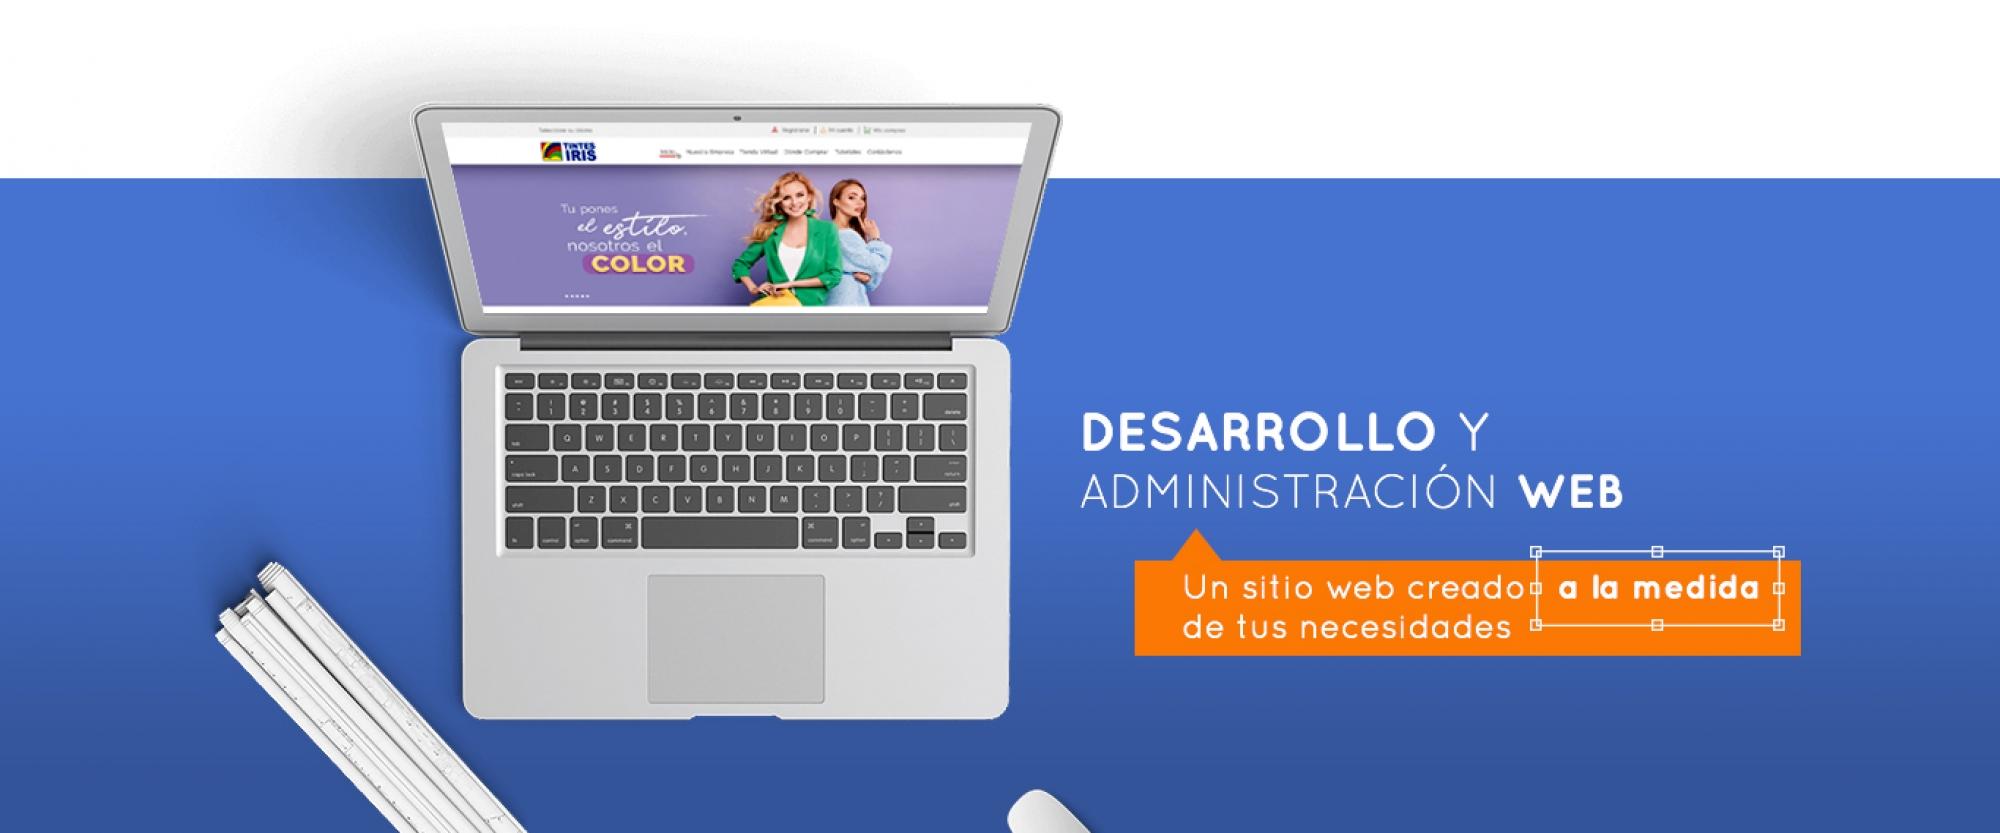 Desarrollo de sitios web - Servicios Grupo Creativo Macondo